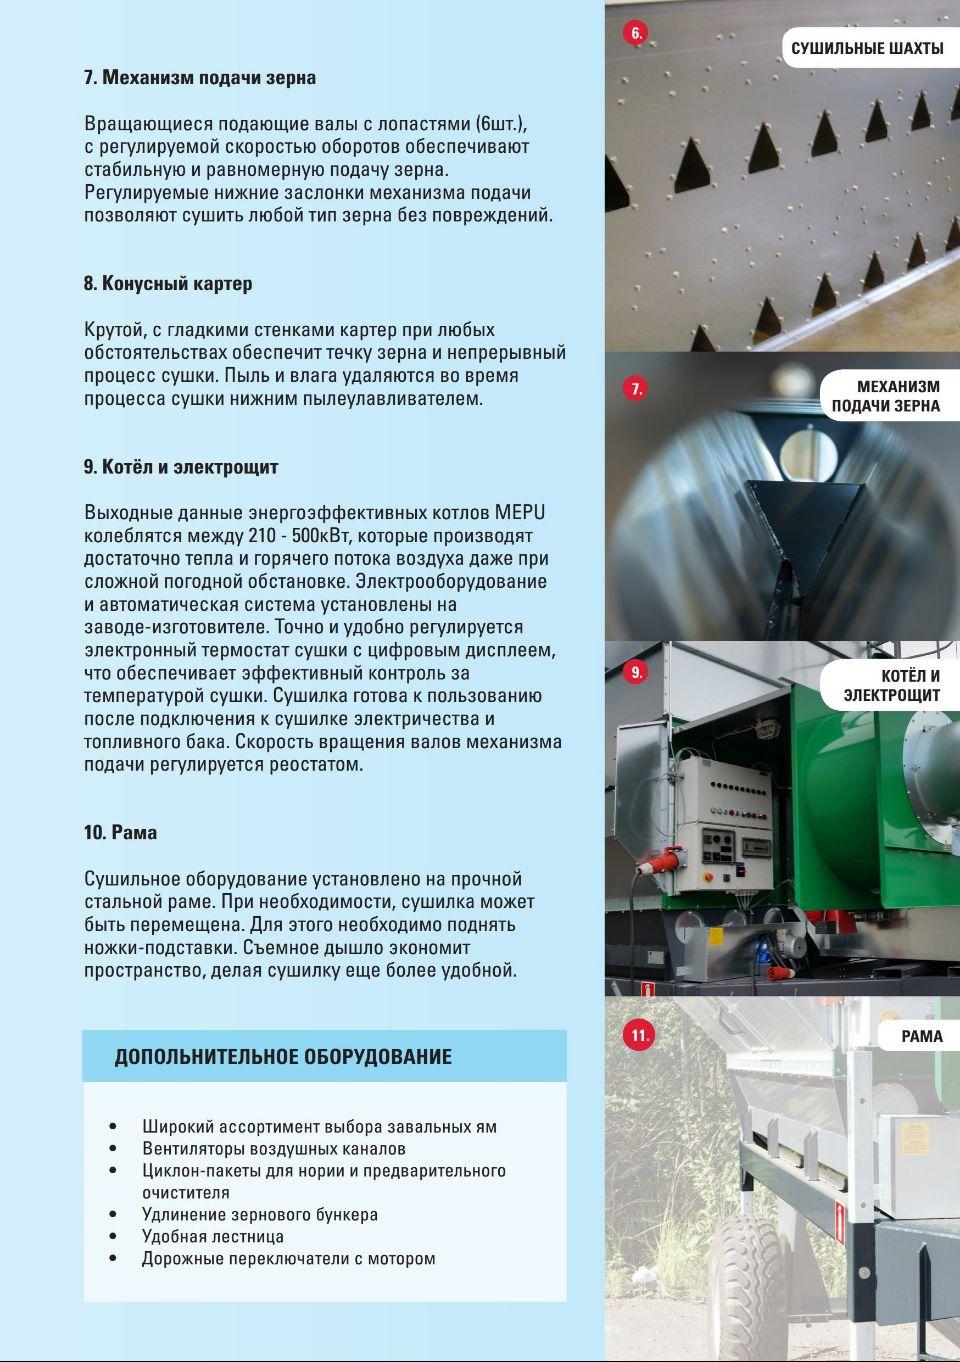 Конструктивные особенности зерносушилок МЕПУ серии К